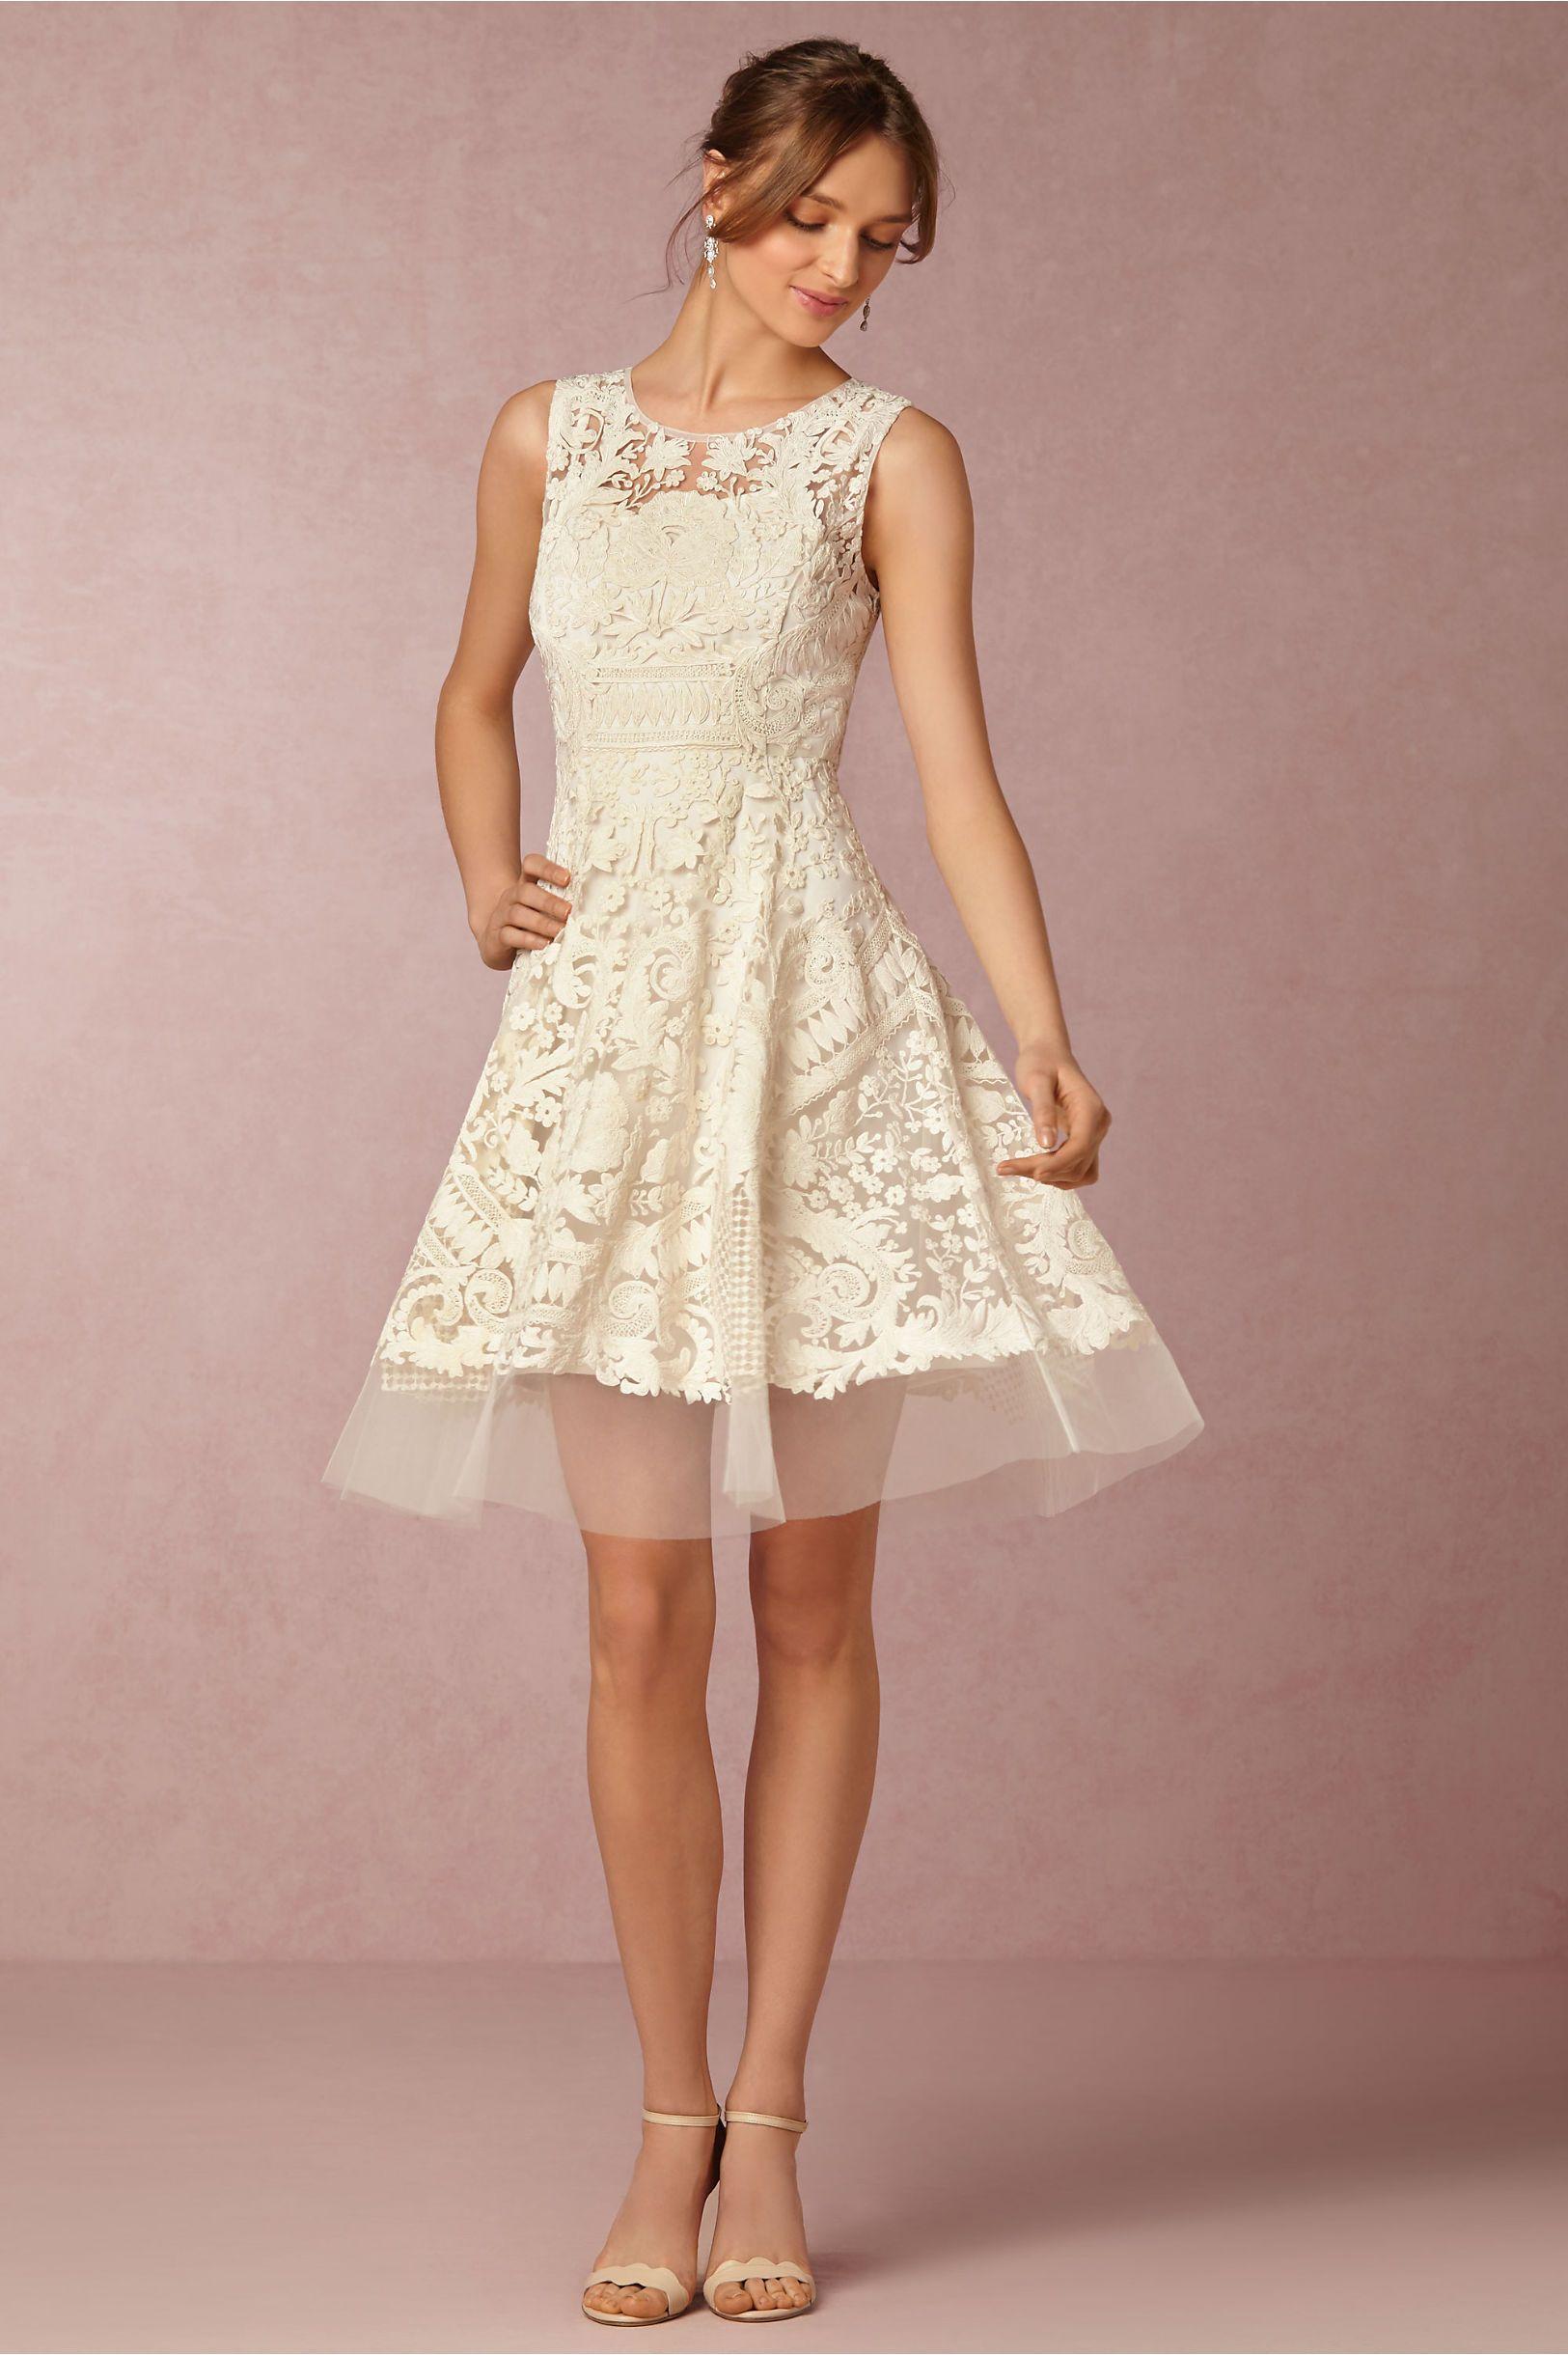 20 kurze Brautkleider zum Verlieben: günstig & traumhaft ...